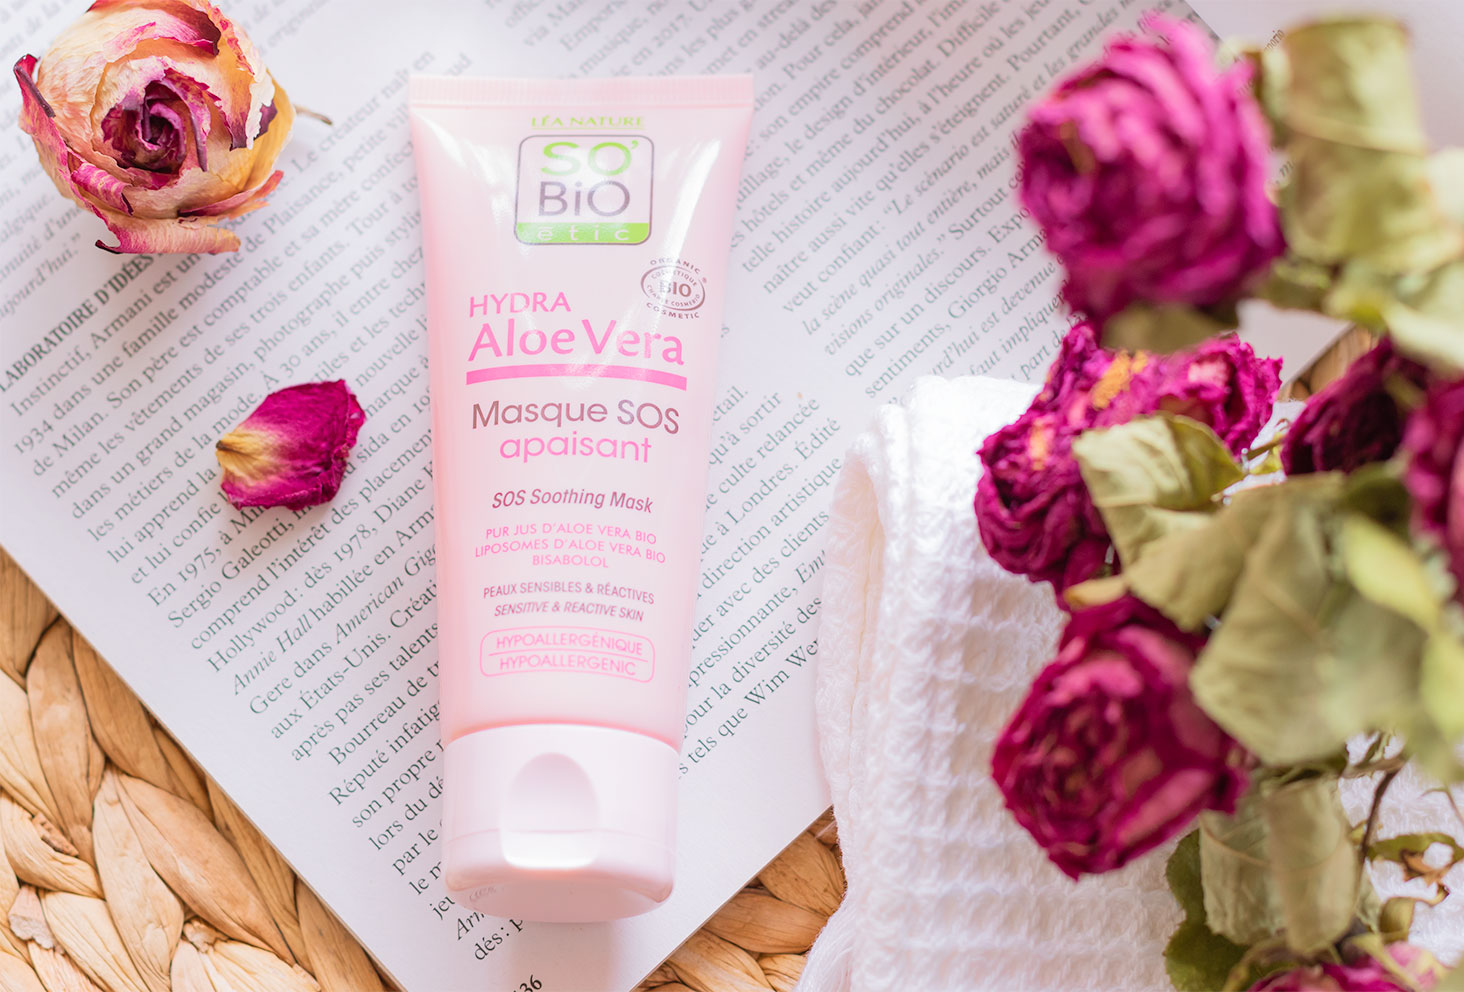 Le masque SOS apaisant dans son tube rose, posé à plat sur un magazine ouvert au milieu de fleurs séchées roses